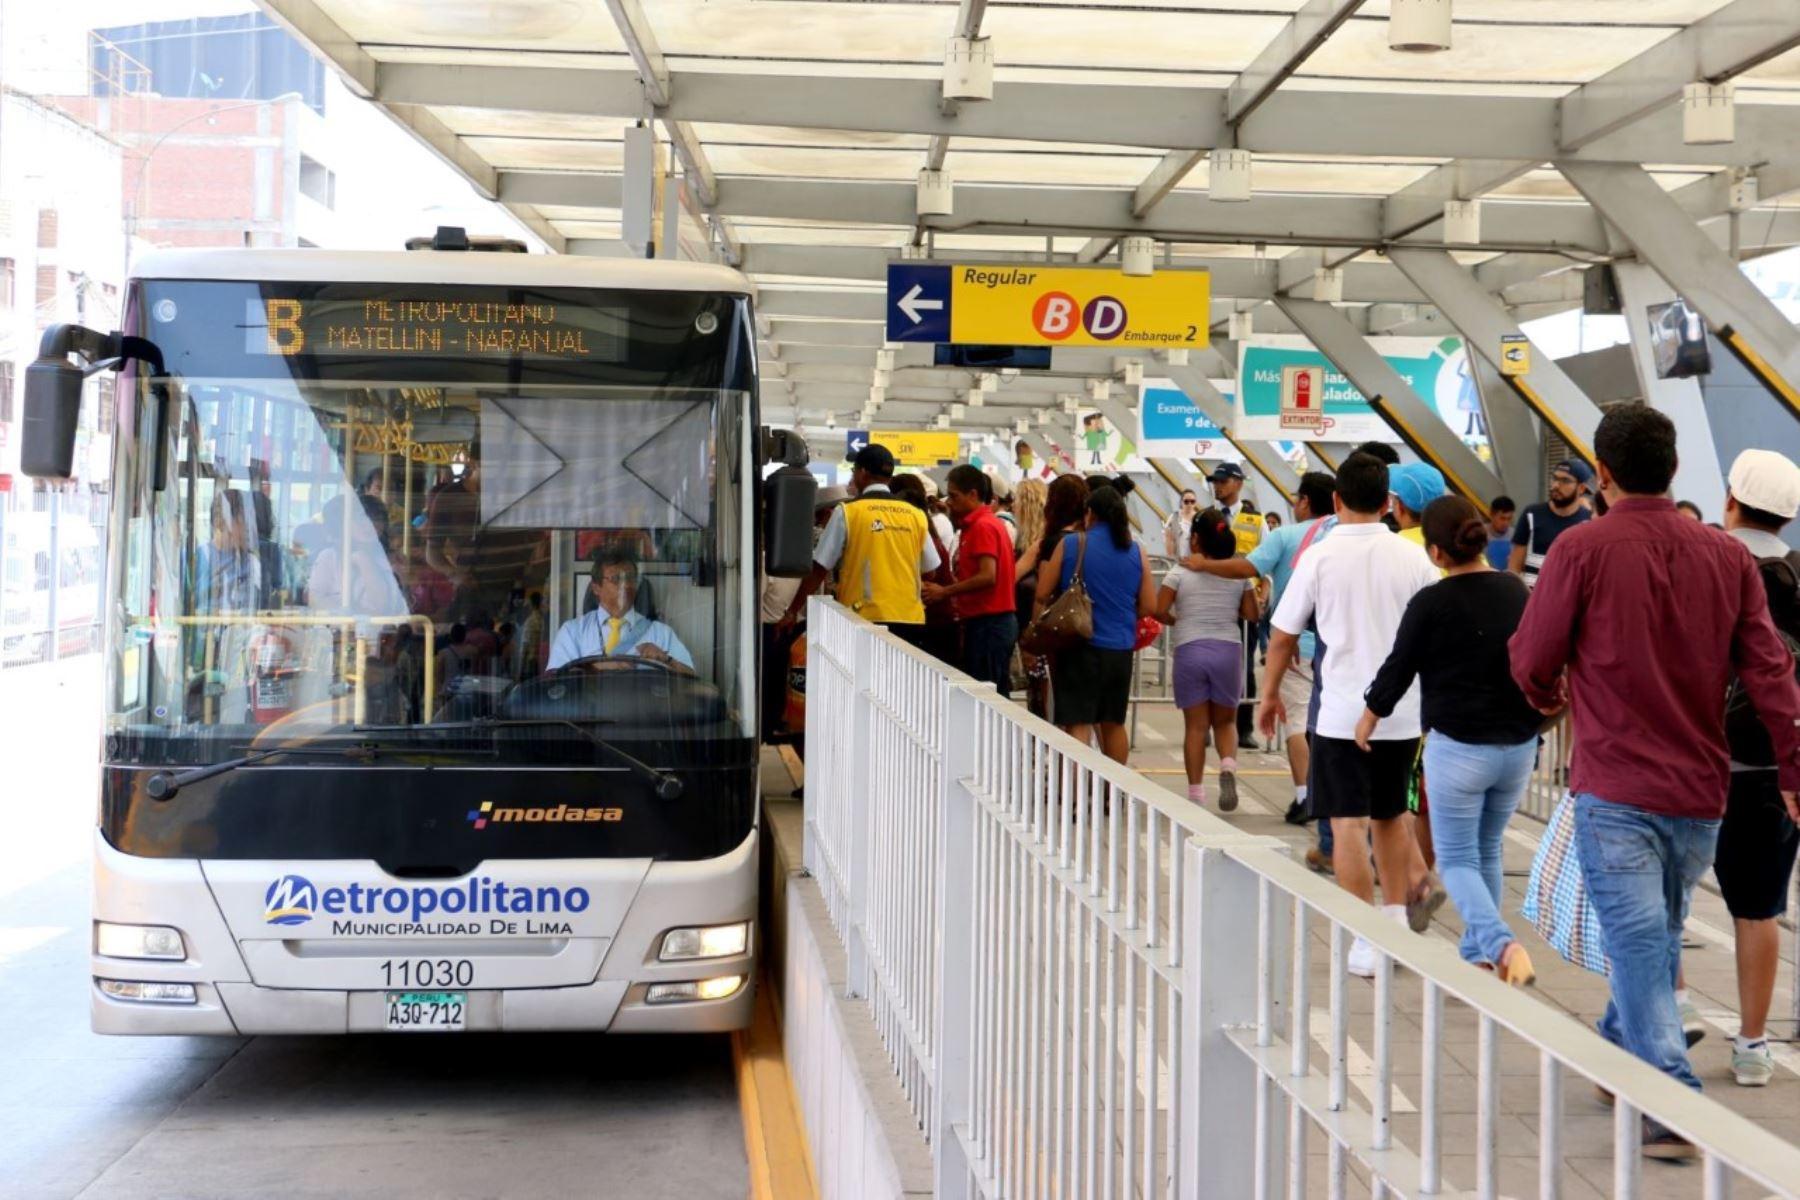 Metropolitano: este martes vence plazo de entrega de documentos para ampliación. Foto: ANDINA/Difusión.